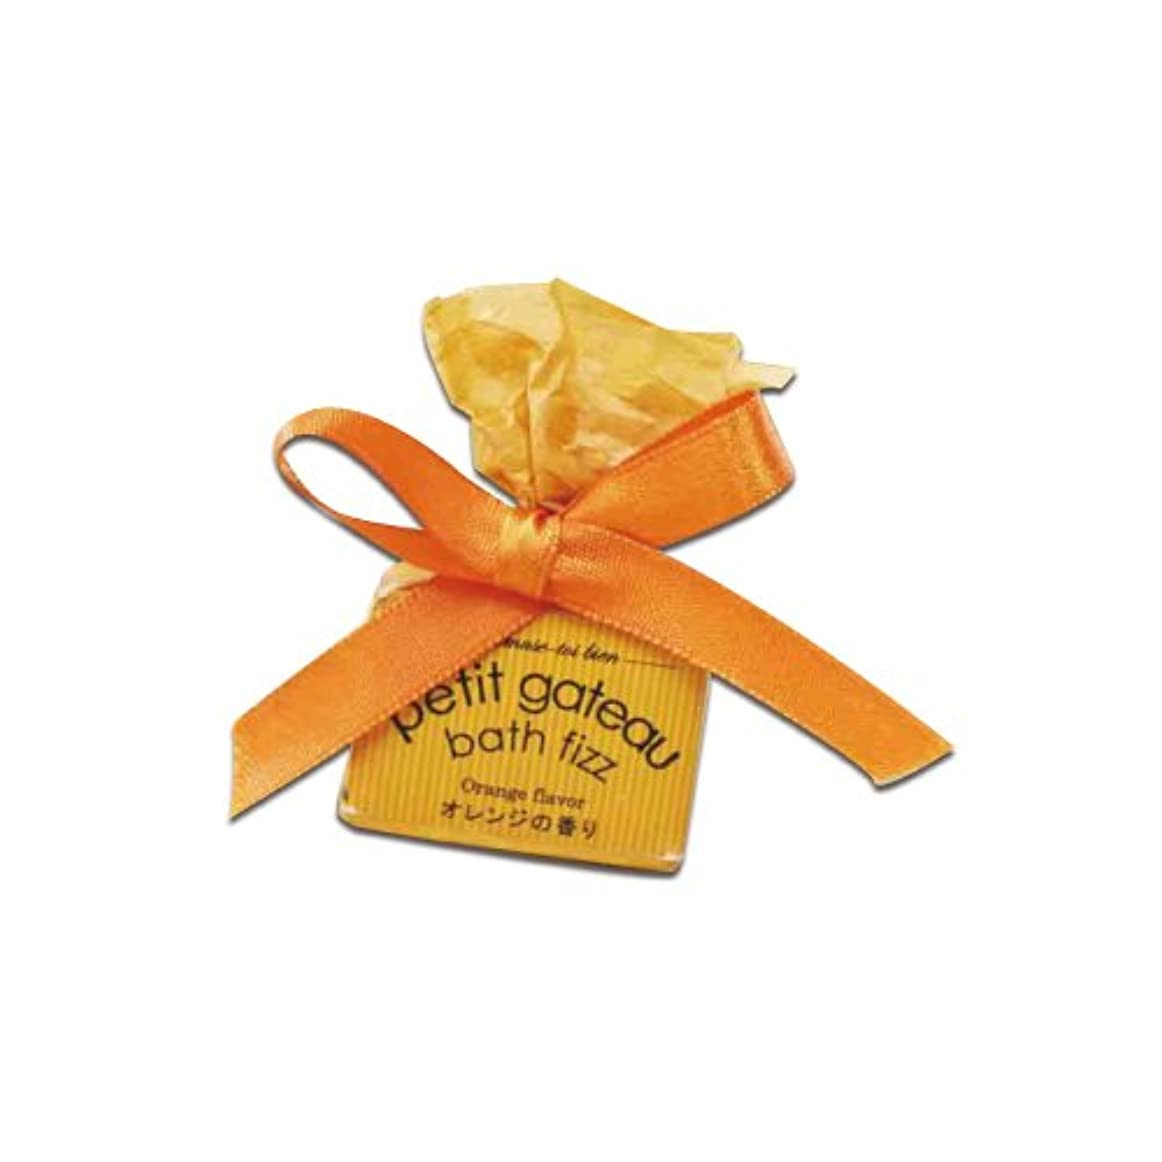 何でも二年生パプアニューギニアプチガトーバスフィザー オレンジの香り 12個セット